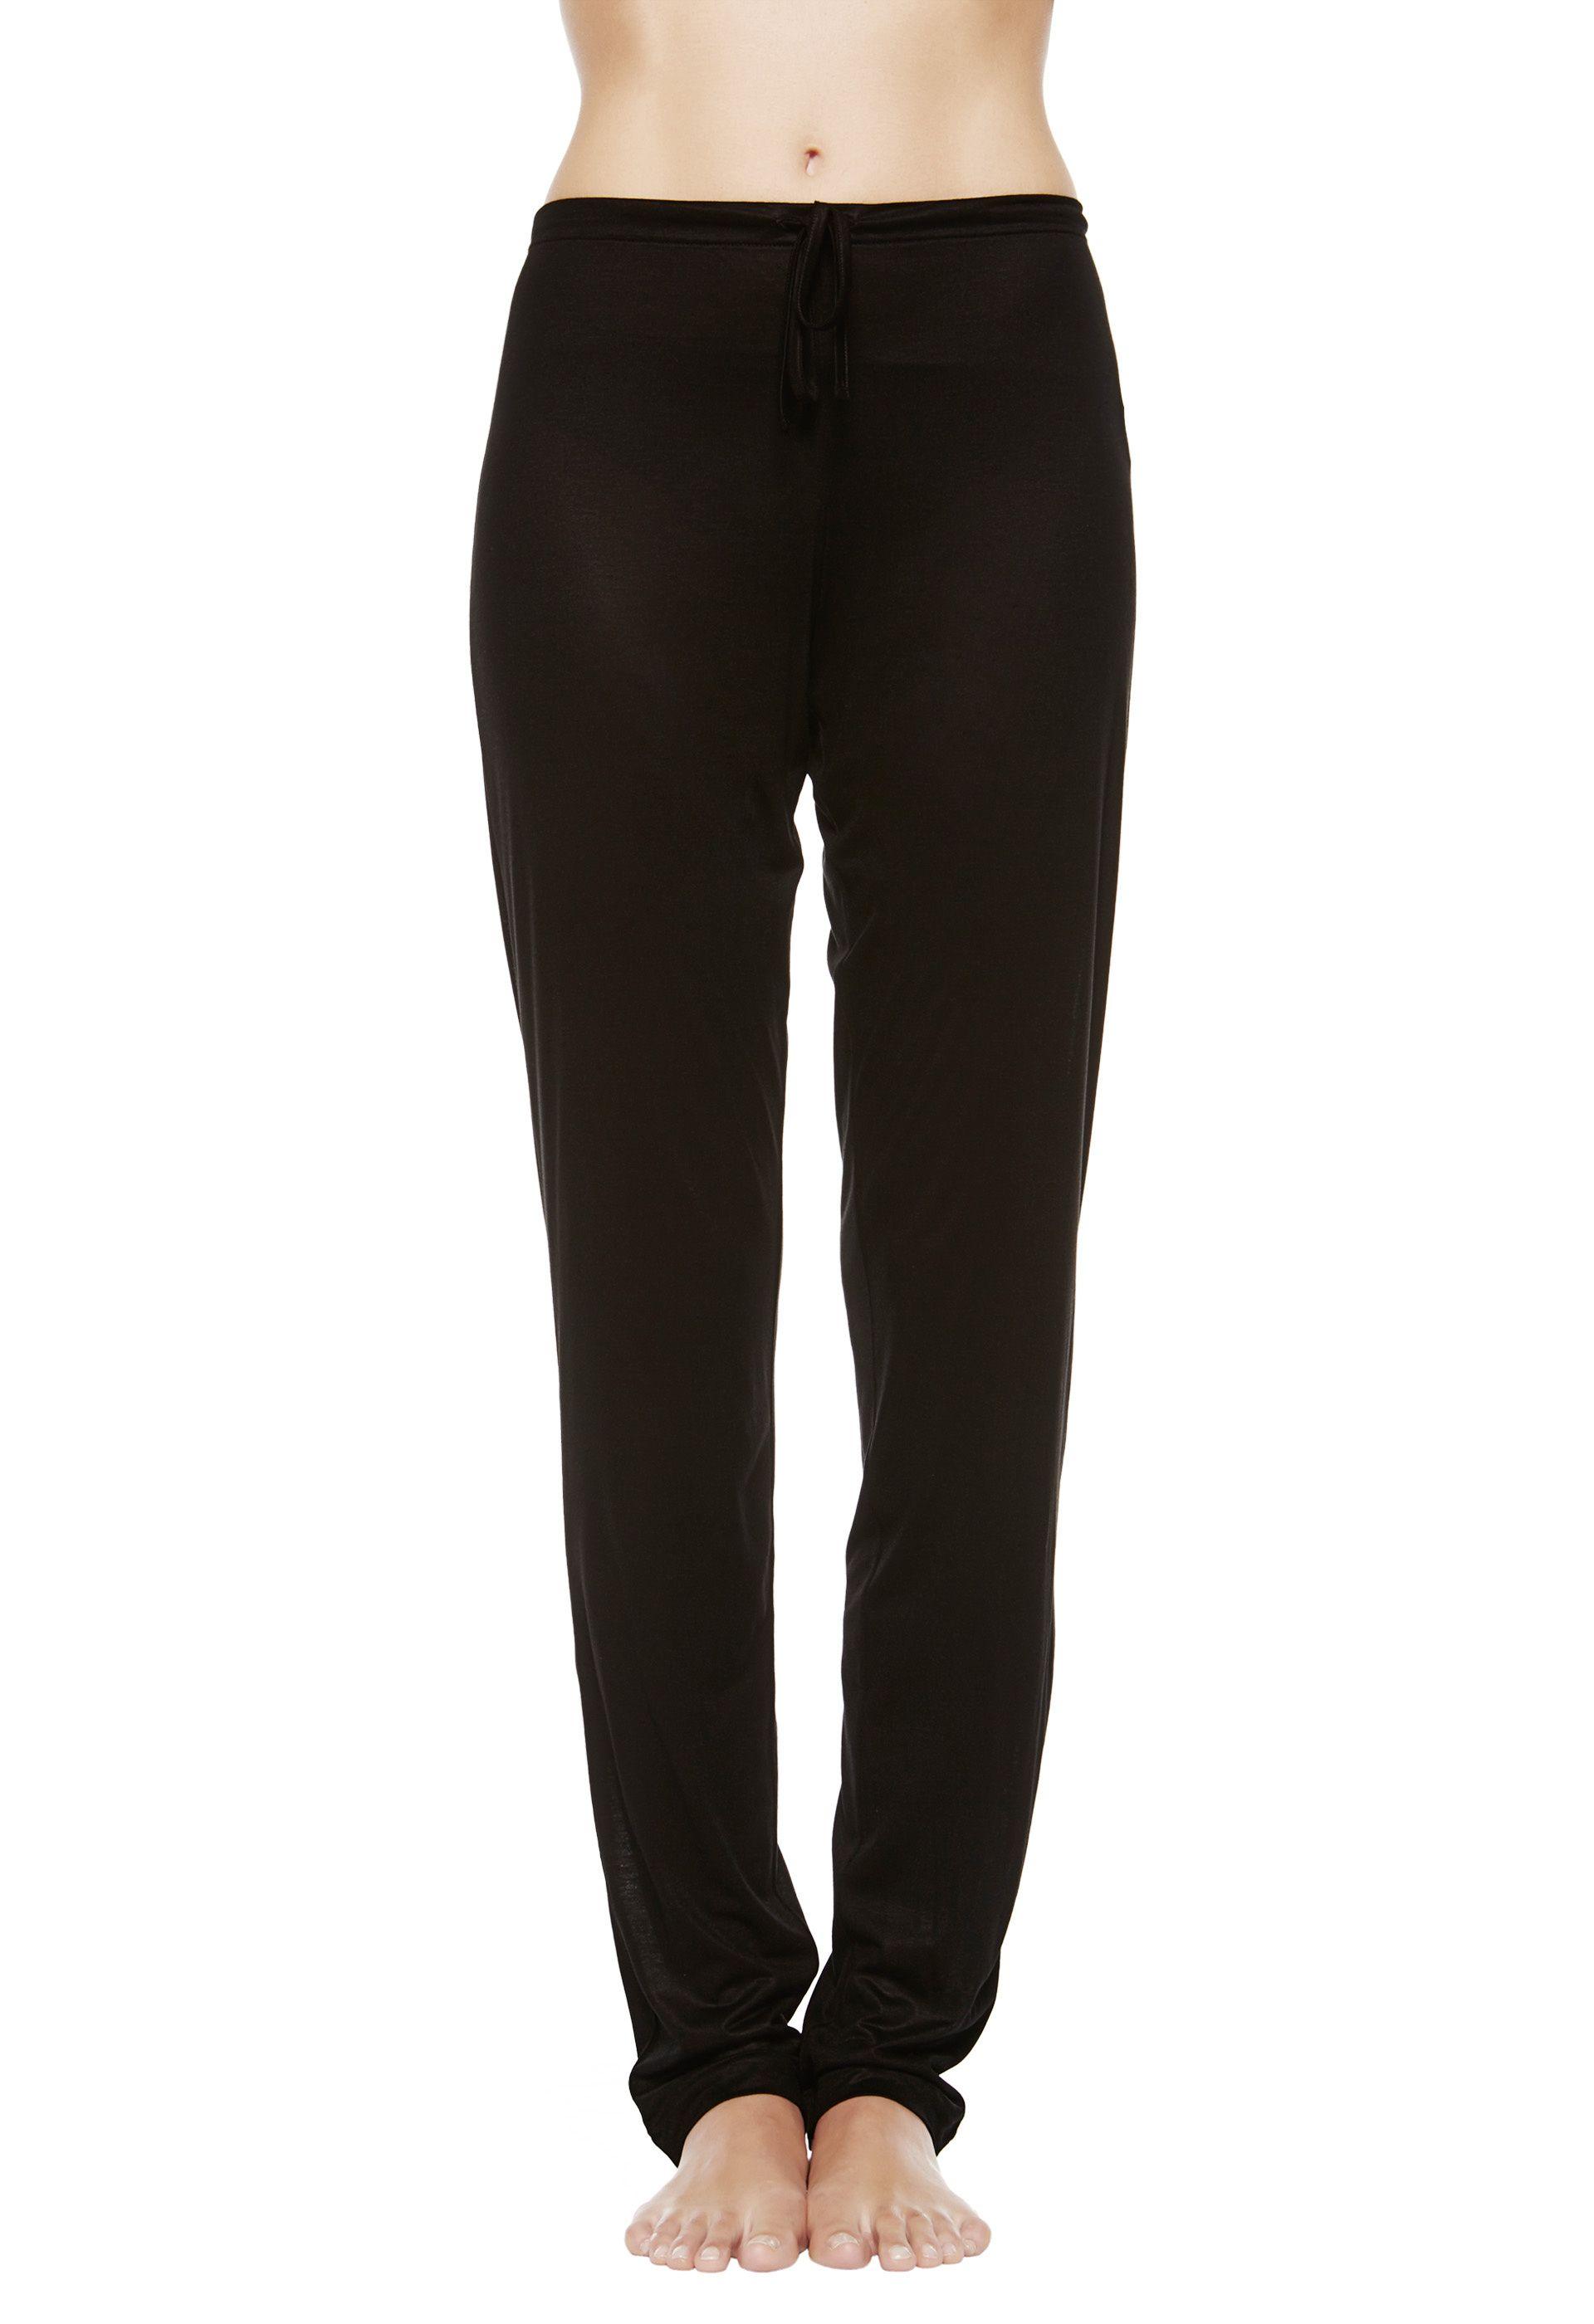 LA PERLA | Trousers #laperlalingerie #lingerie | cozy | Pinterest